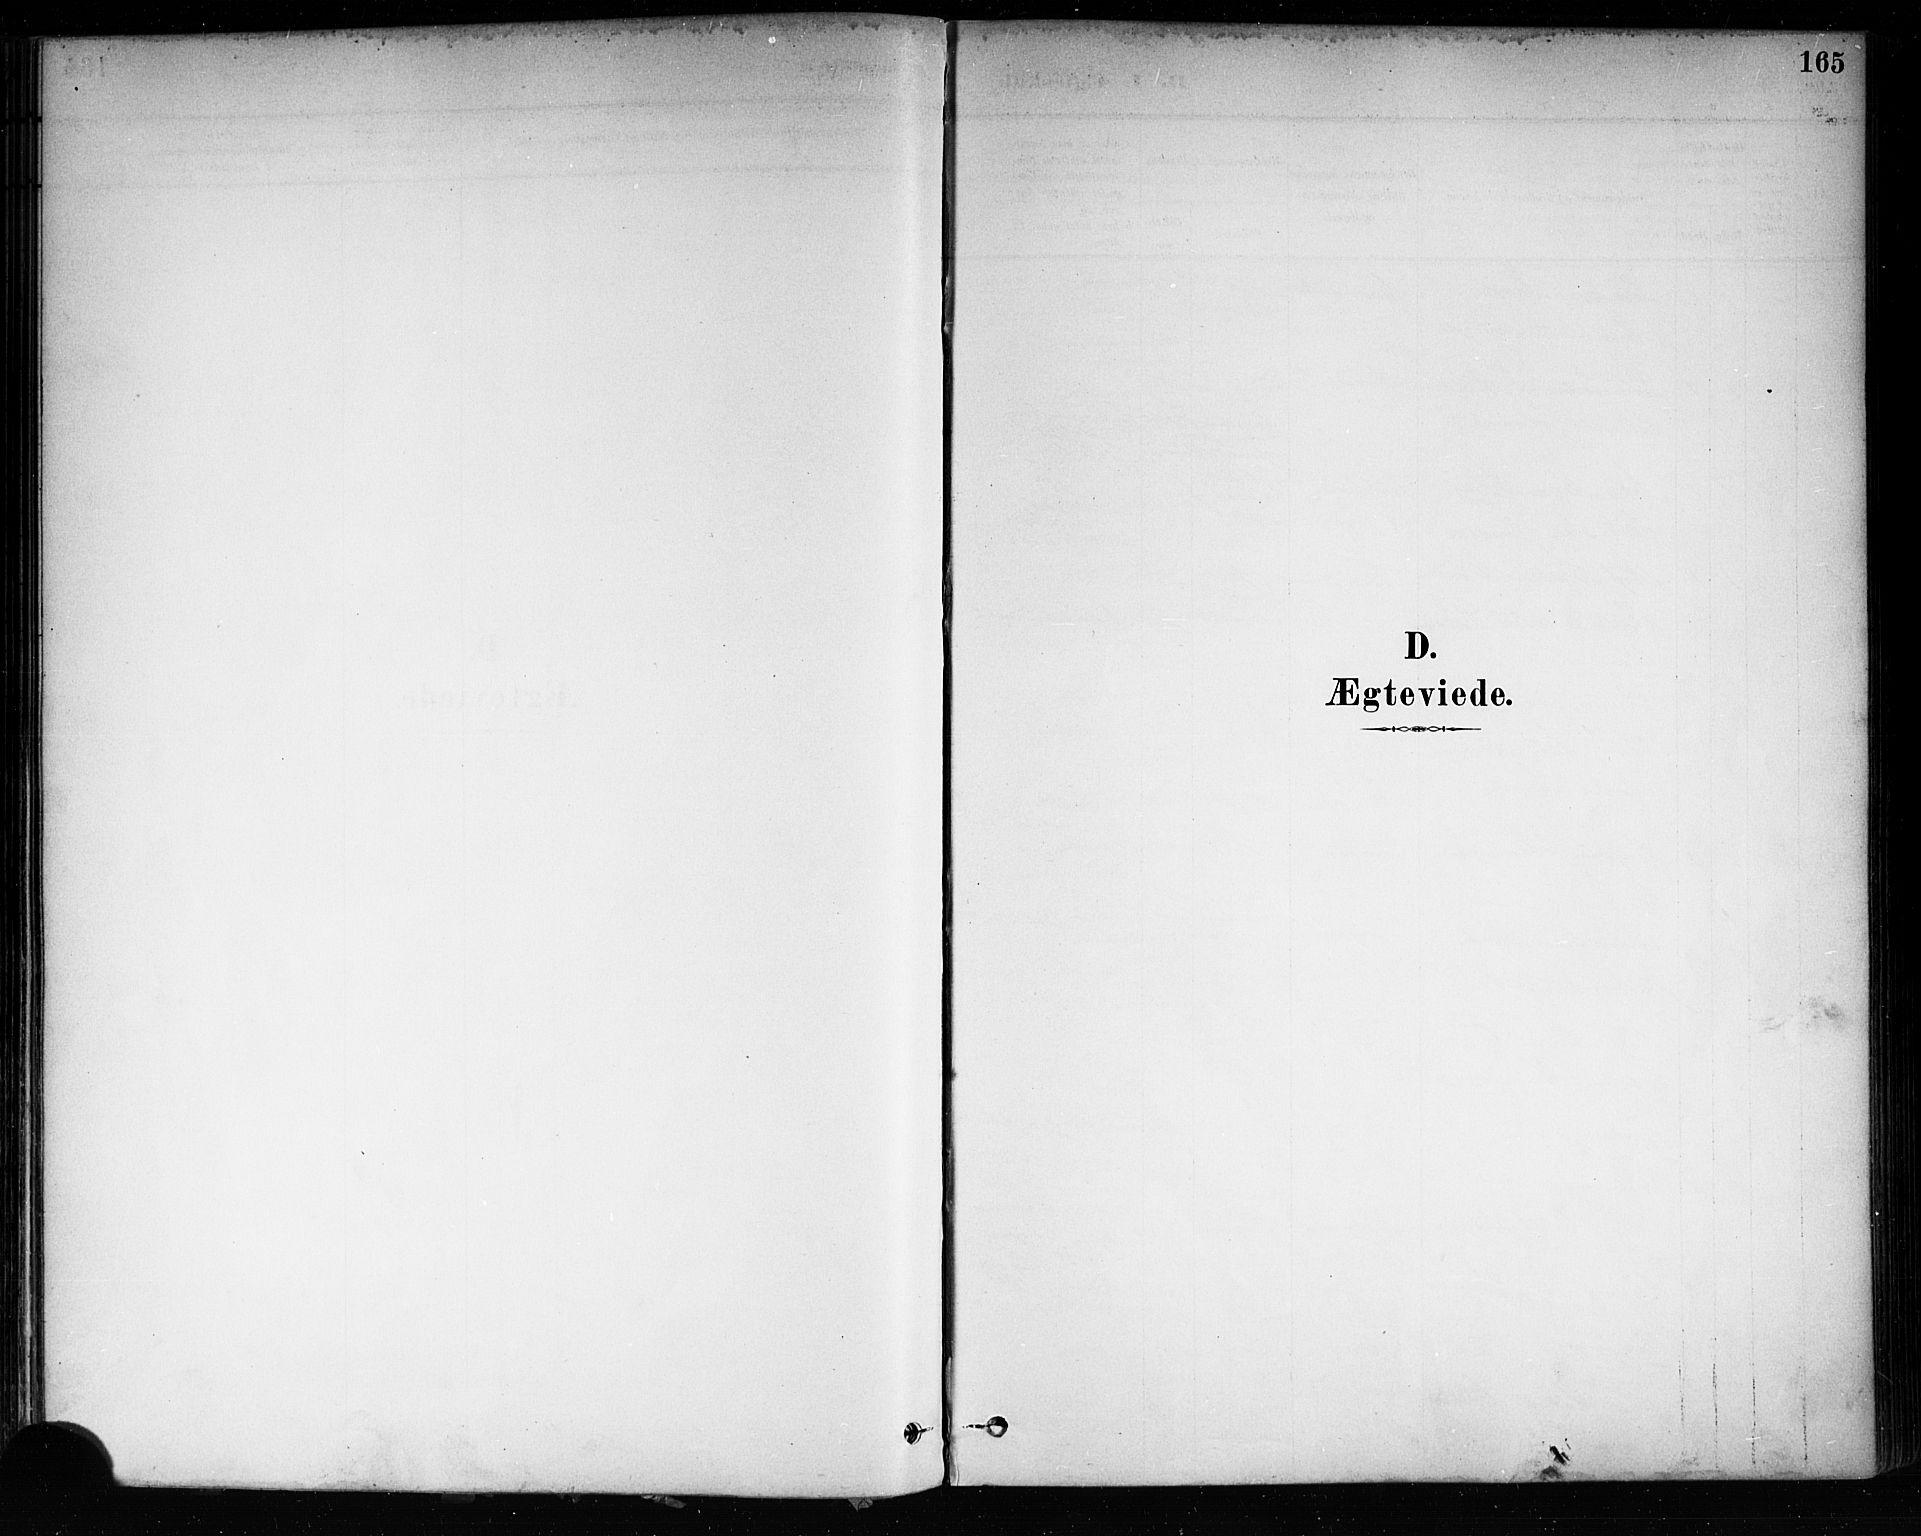 SAKO, Brevik kirkebøker, F/Fa/L0007: Ministerialbok nr. 7, 1882-1900, s. 165